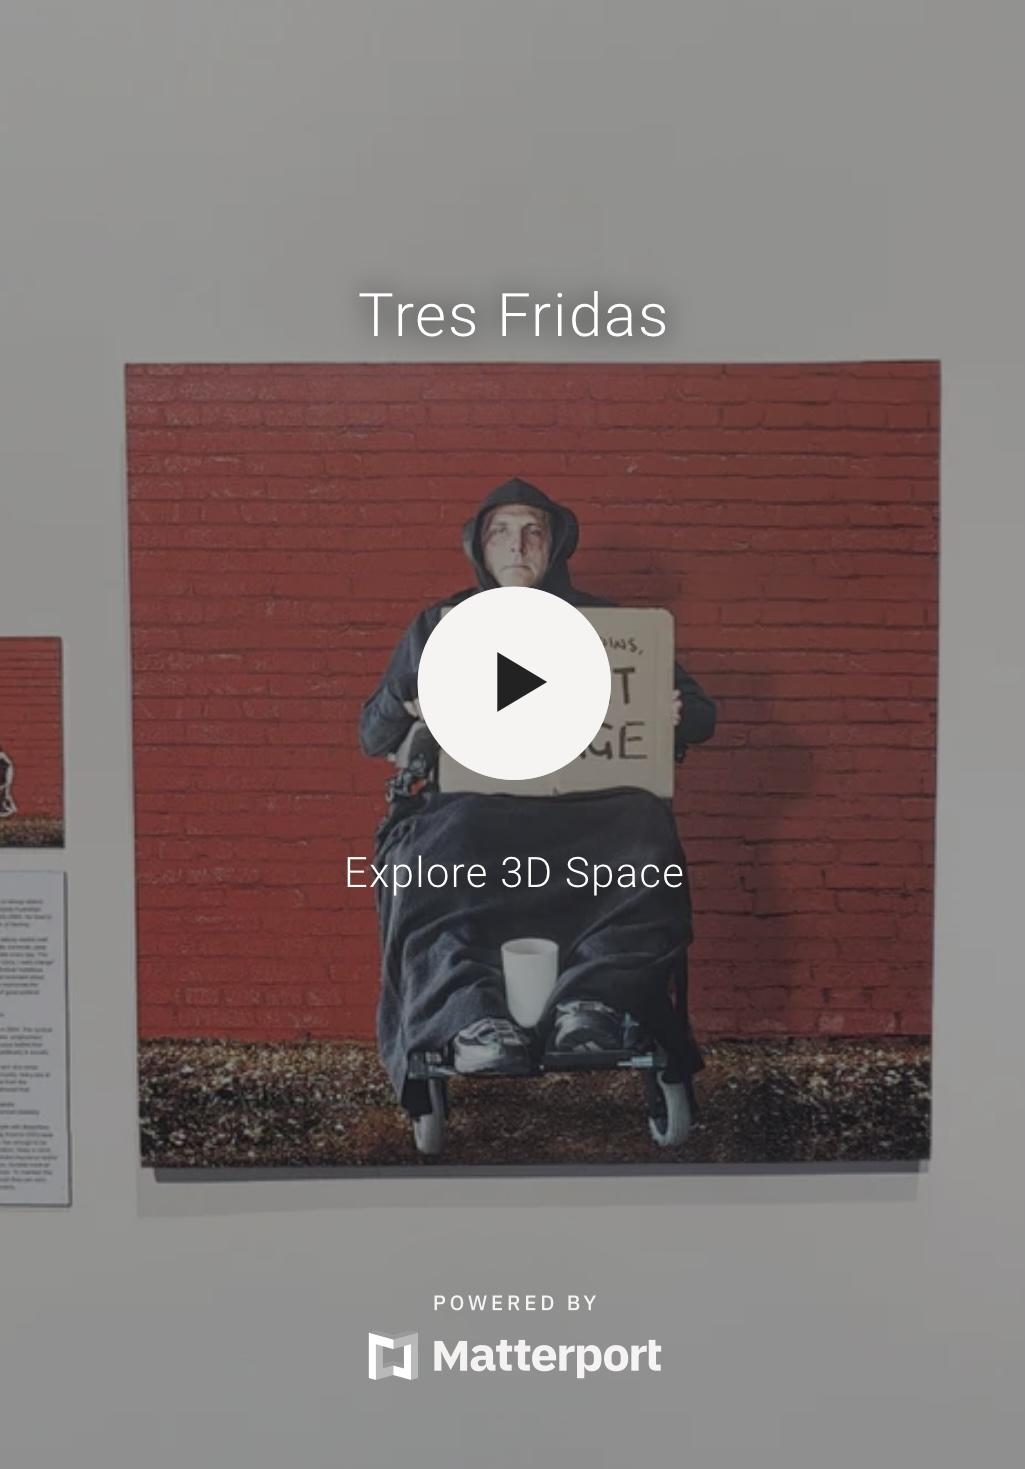 Tres Fridas